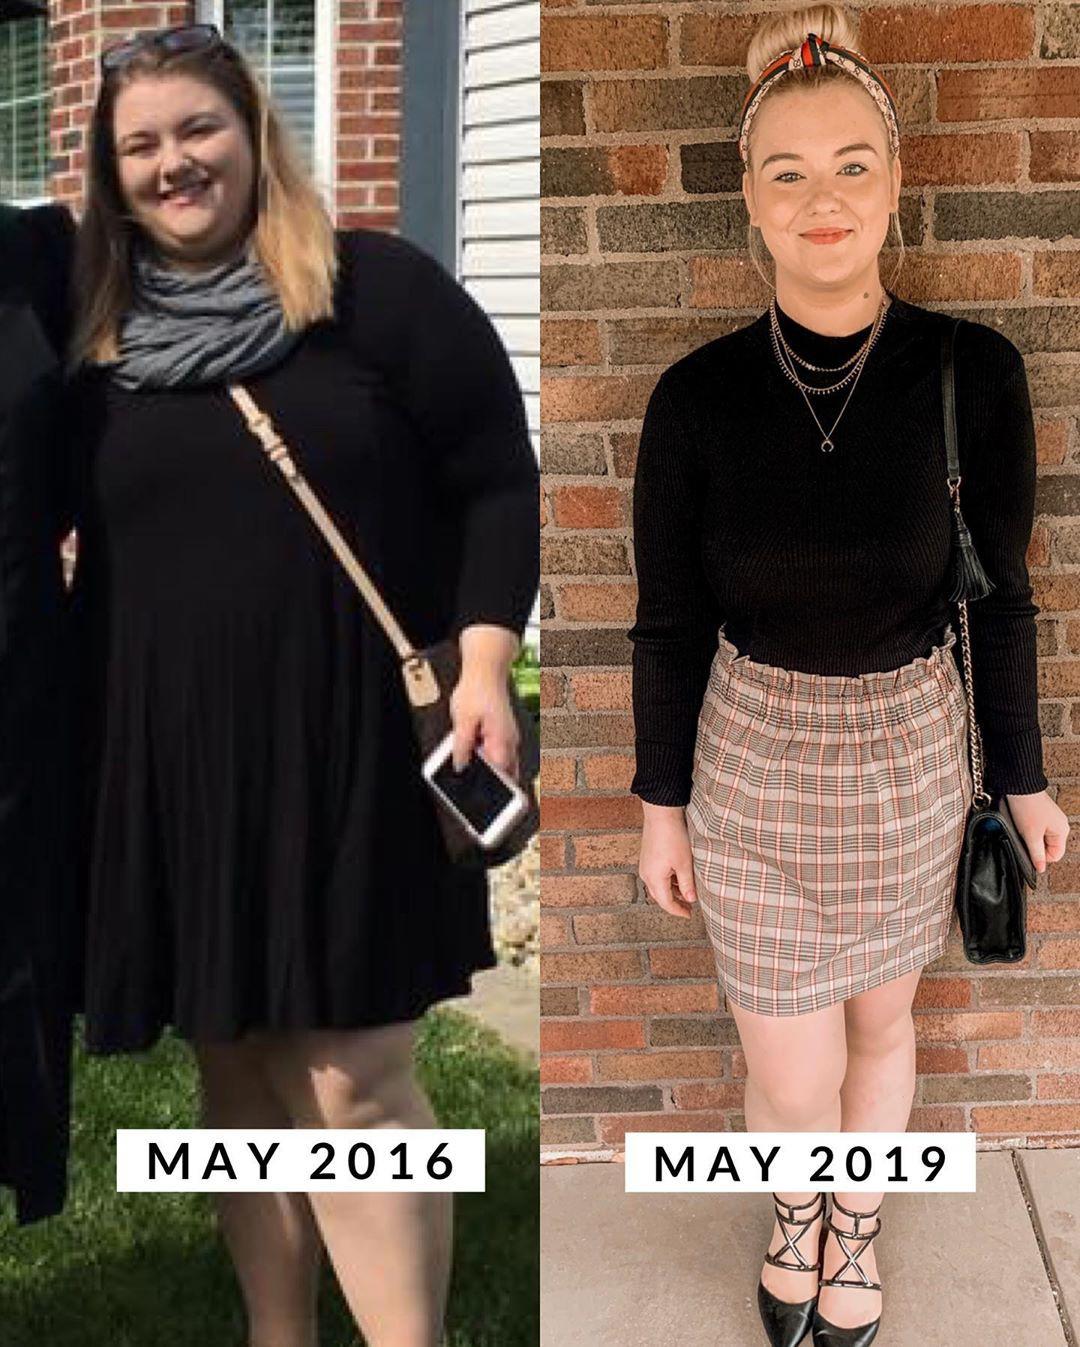 Thêm một trường hợp giảm được 51kg sau nhiều lần bỏ cuộc vì cân nặng từng đạt ngưỡng 129kg - Ảnh 2.